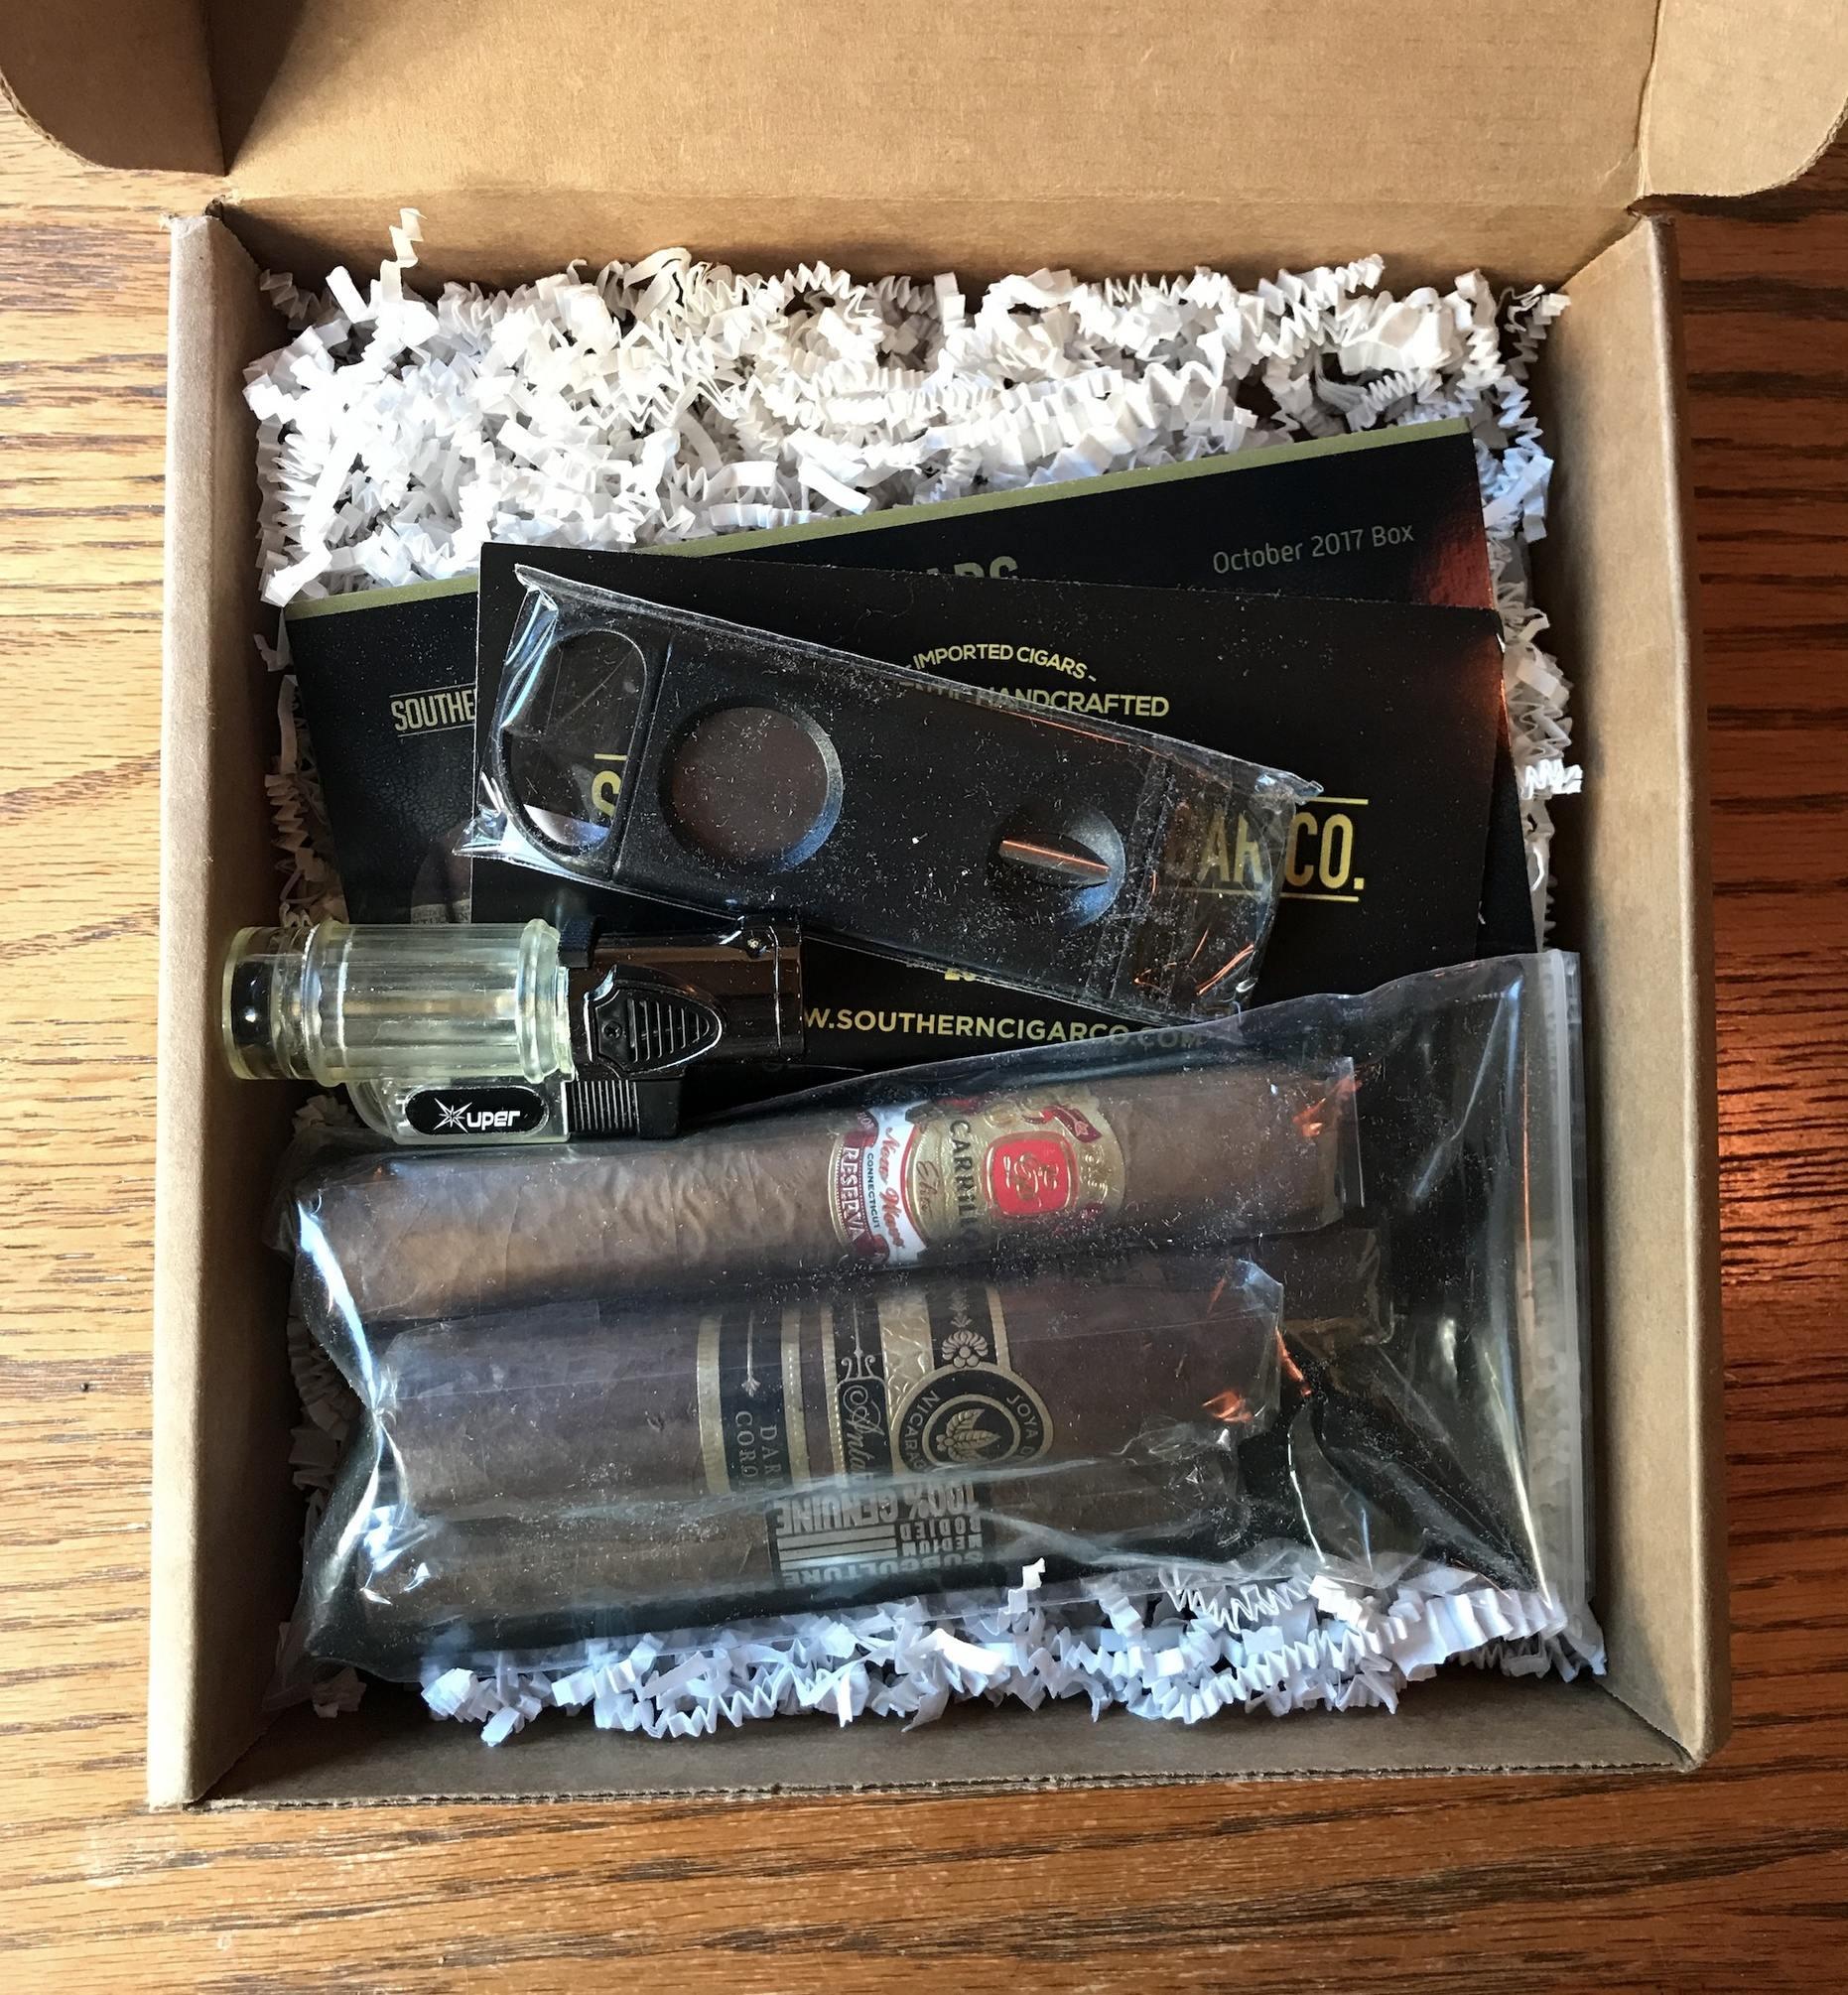 Opening cigar box